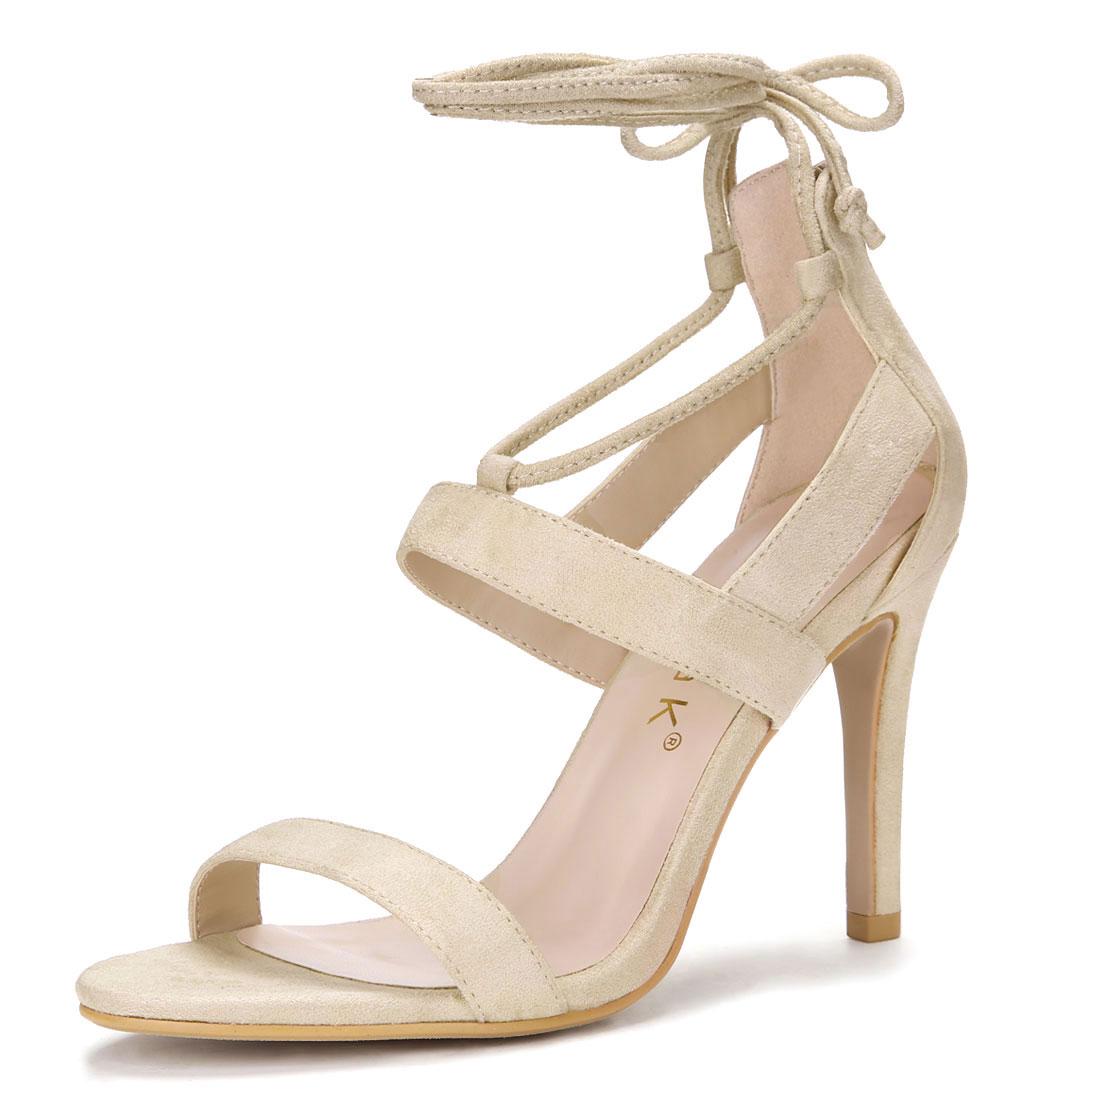 Women Open Toe Cutout Stiletto Heel Lace Up Sandals Beige US 5